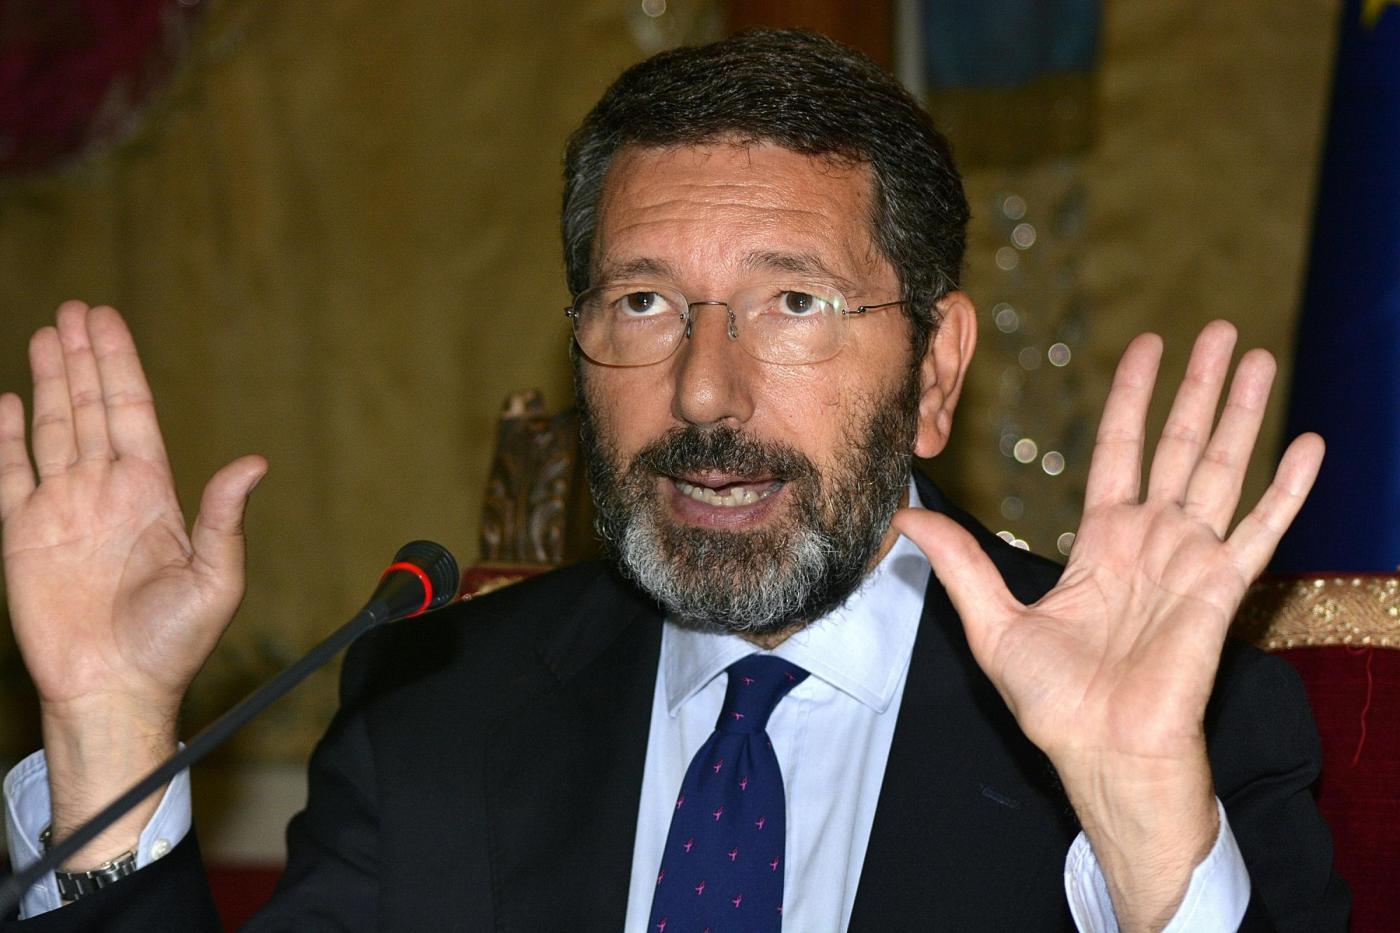 Giubileo straordinario, Marino chiede soldi al governo